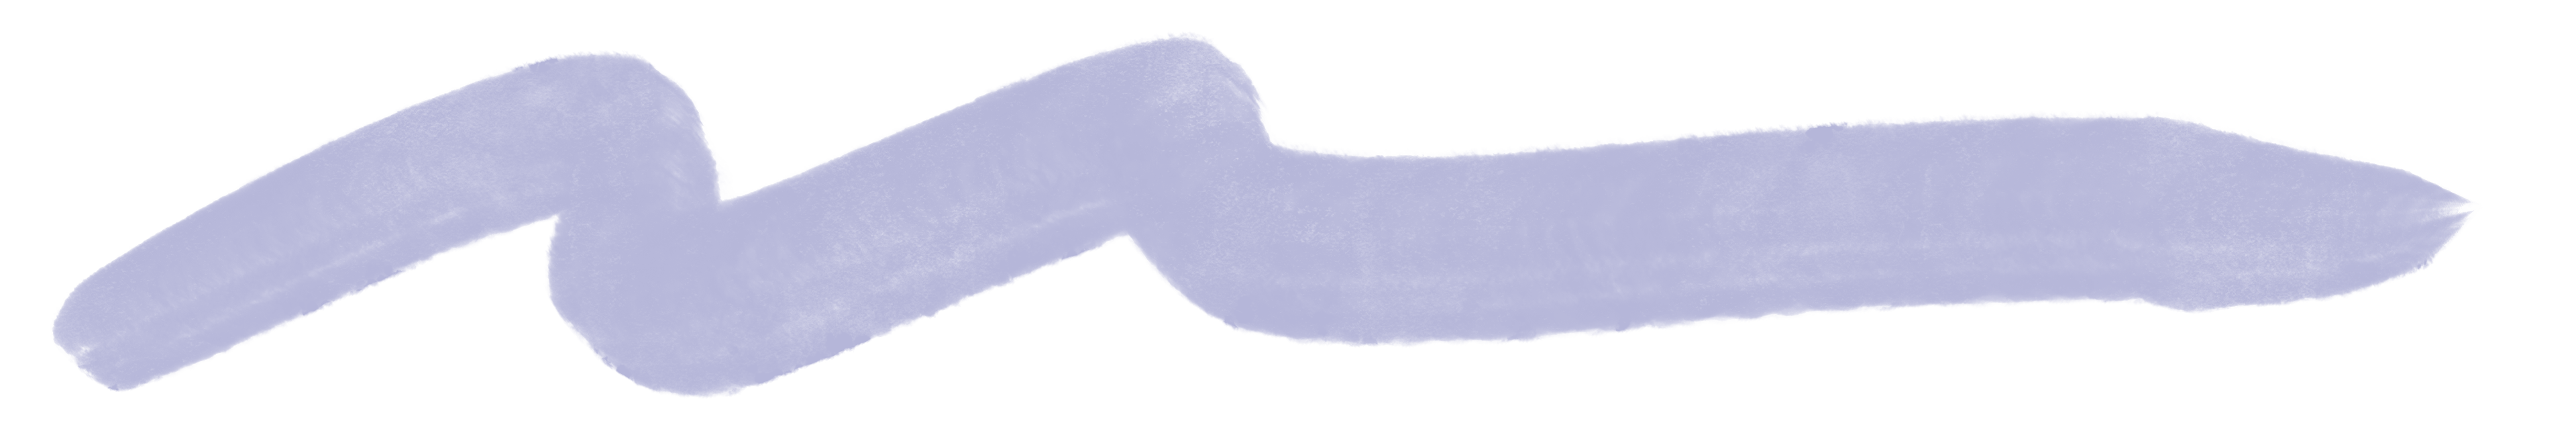 ilustrasi garis pembatas